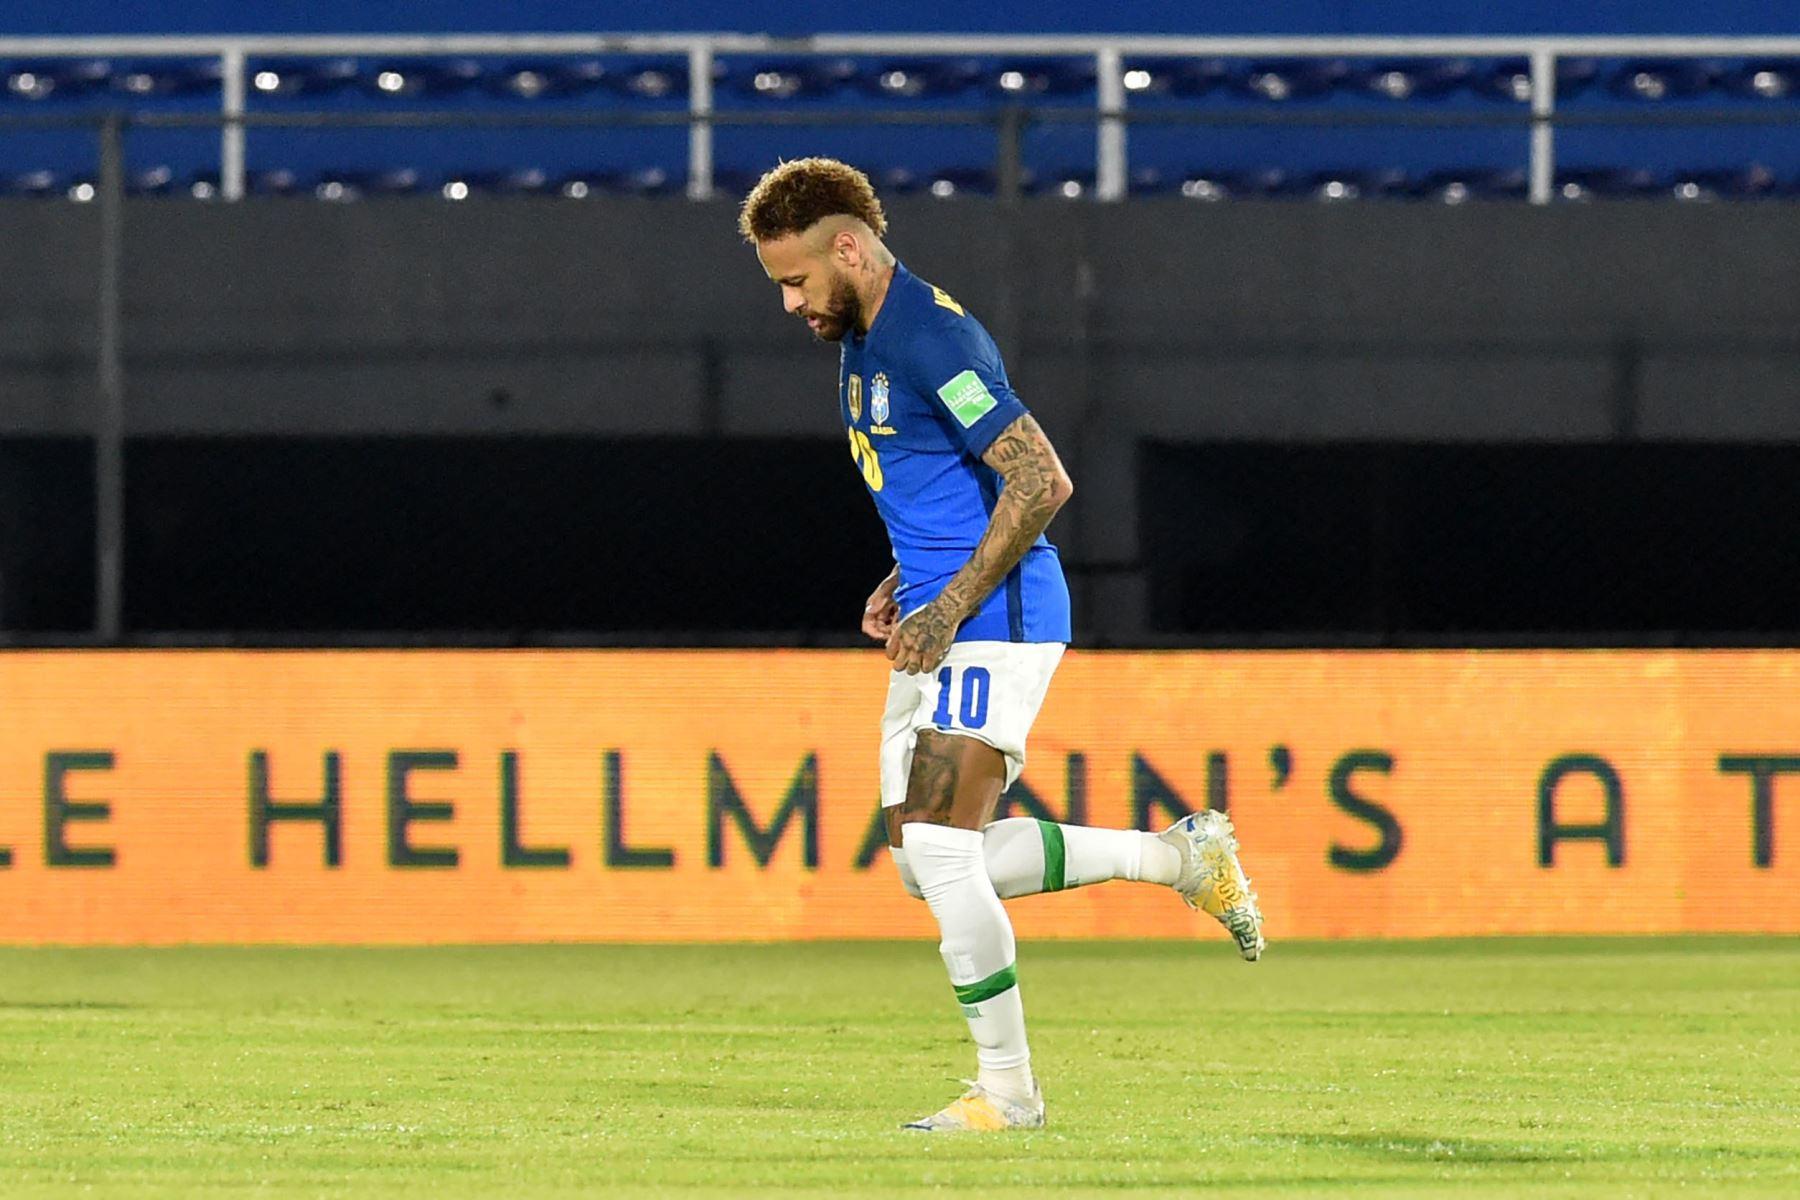 El brasileño Neymar celebra tras anotar contra Paraguay durante el partido de clasificación sudamericano para la Copa Mundial de la FIFA Qatar 2022 en el Estadio Defensores del Chaco en Asunción. Foto: AFP